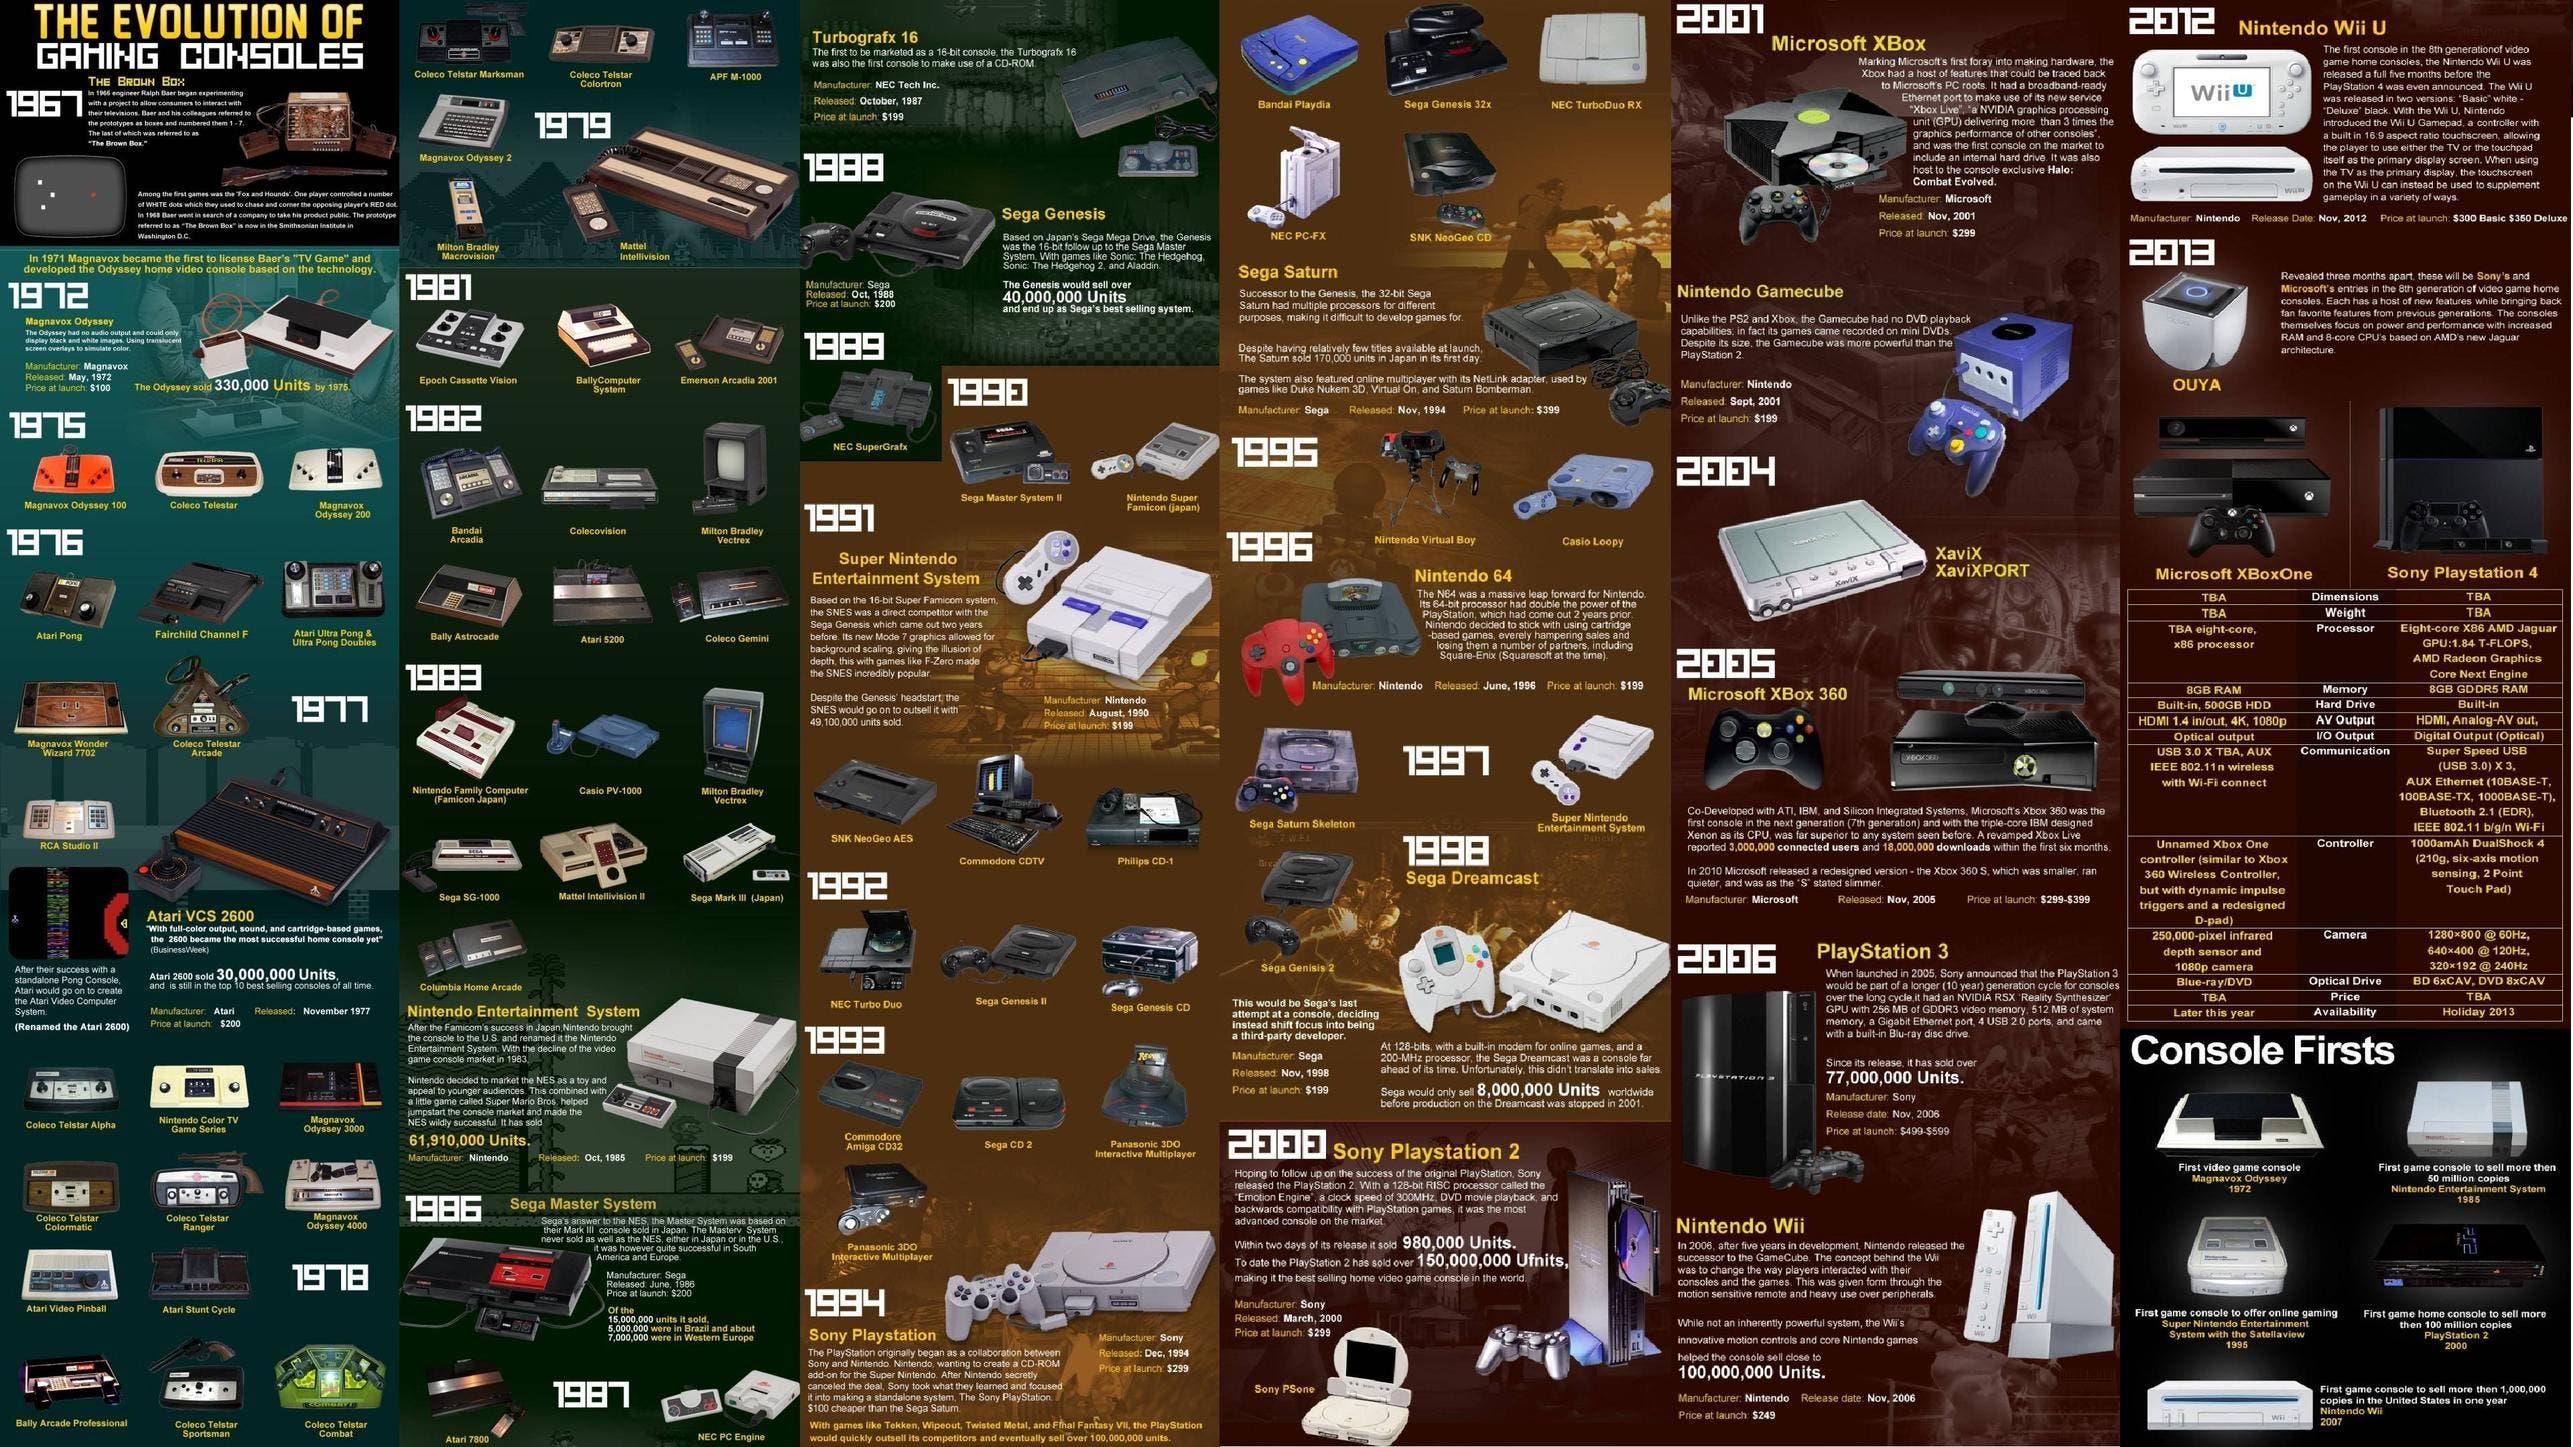 Evolución consolas (0)